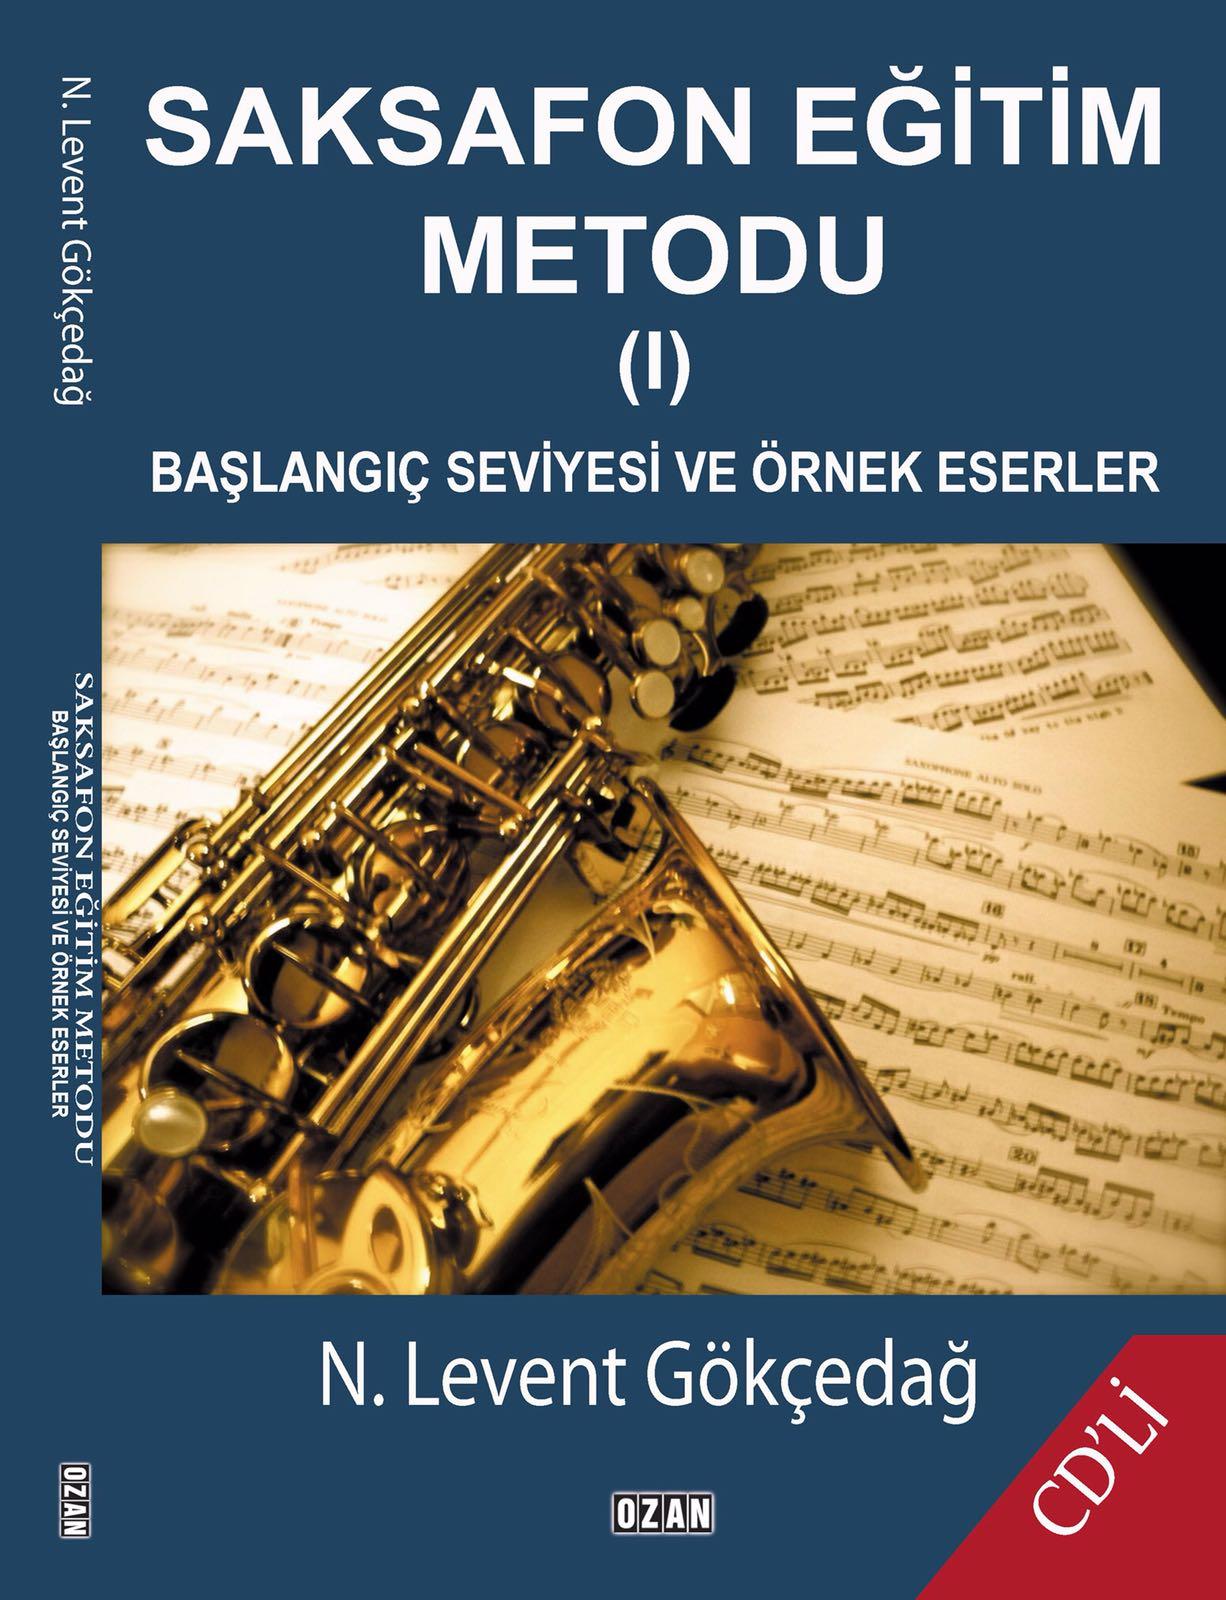 Saksofon Eğitim Metodu I Başlangıç Seviyesi Ve Örnek Eserler